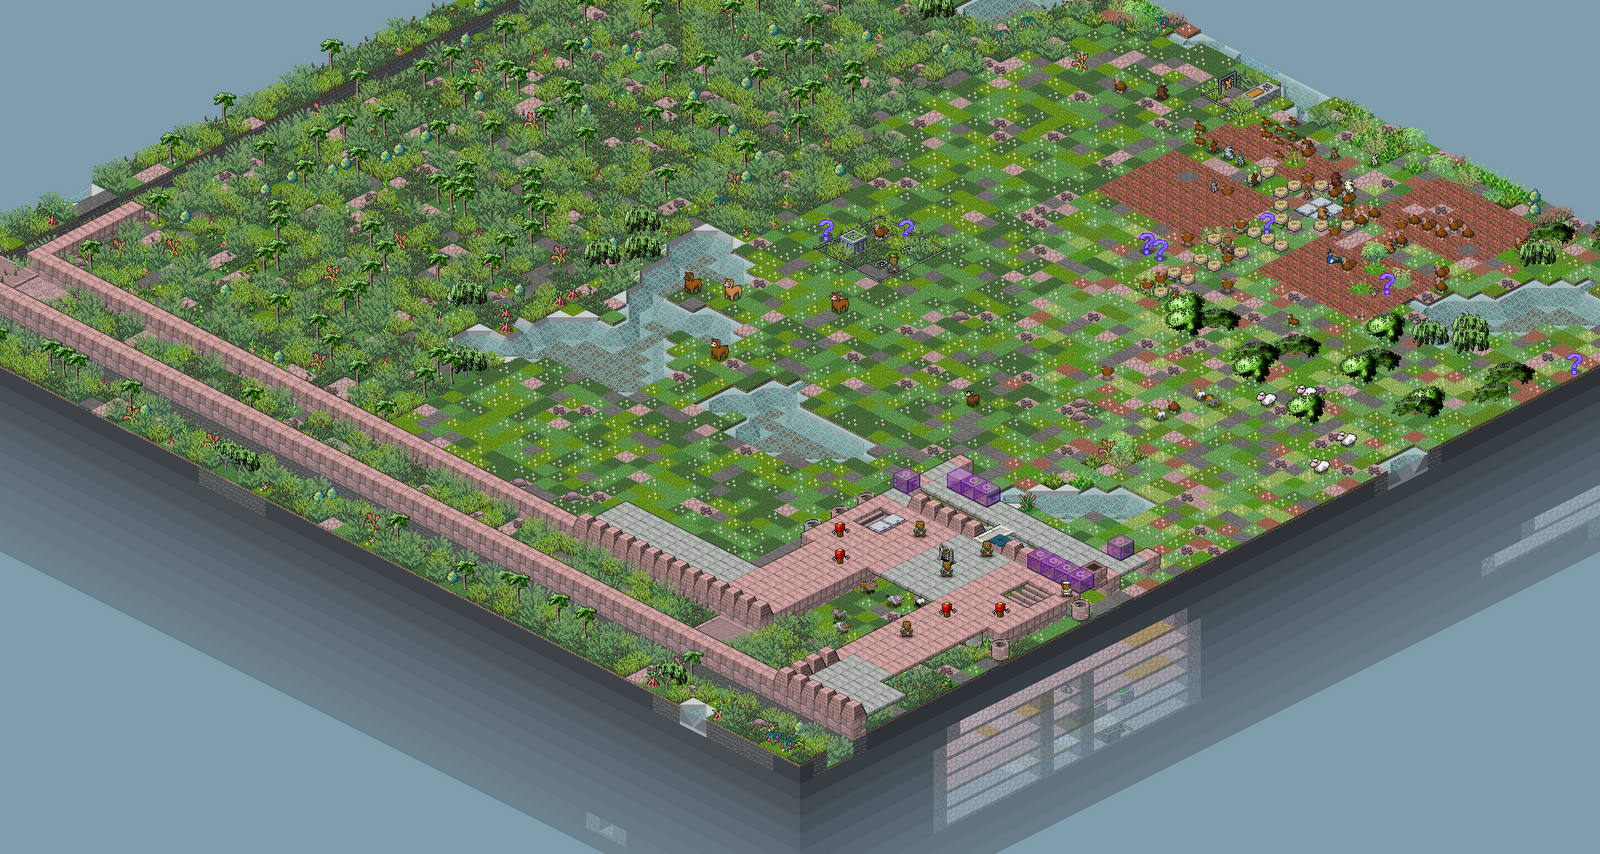 That S Interesting Dwarf Fortress Summitspear 252